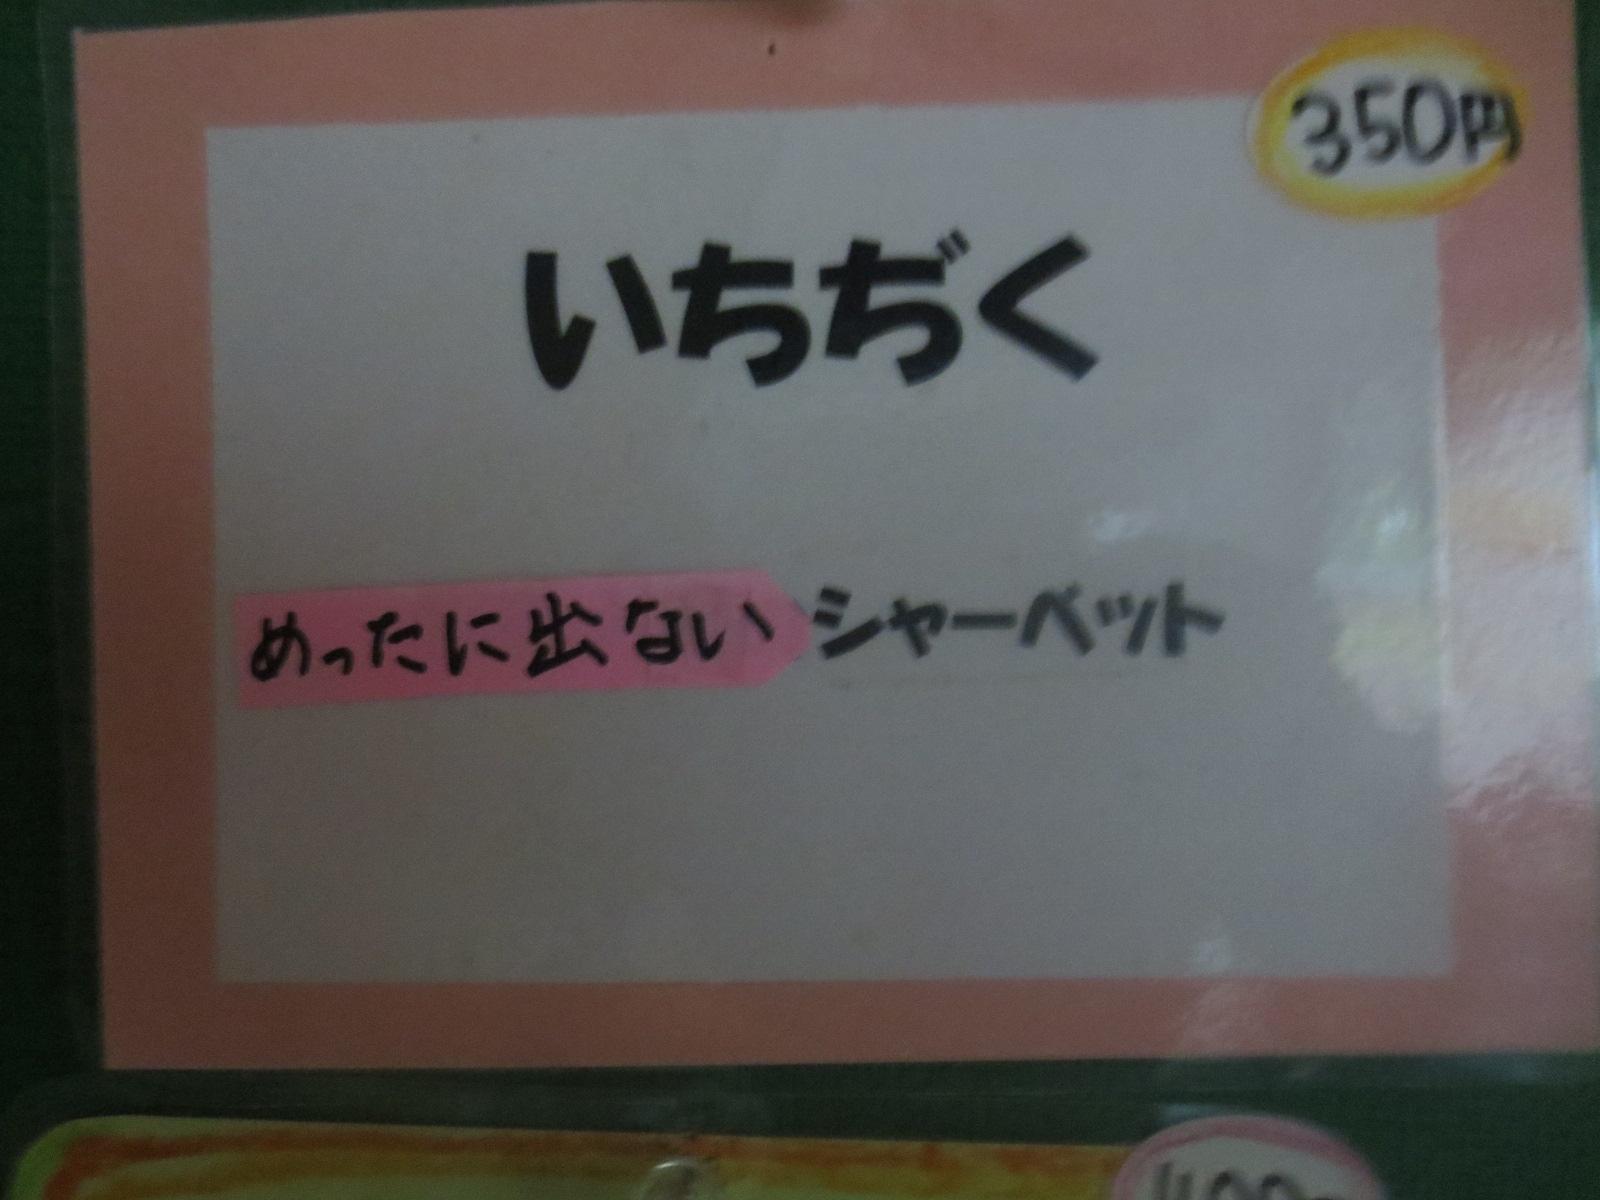 いちじく 350円